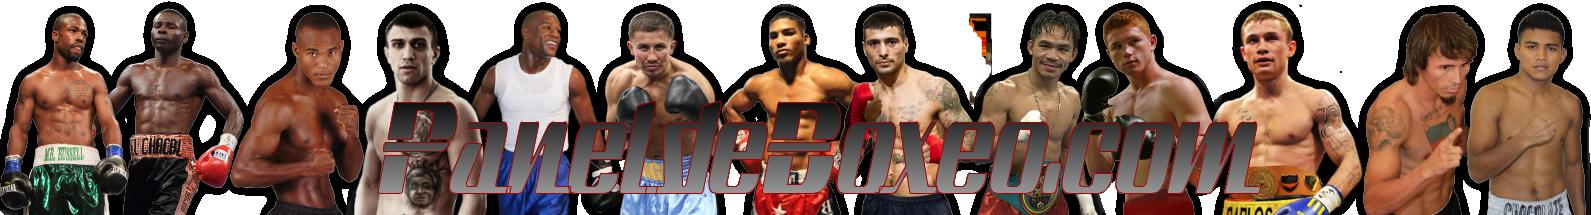 PaneldeBoxeo.com - Lo Mejor del Boxeo en Español - Portal Inicial Portal%20Bottom1